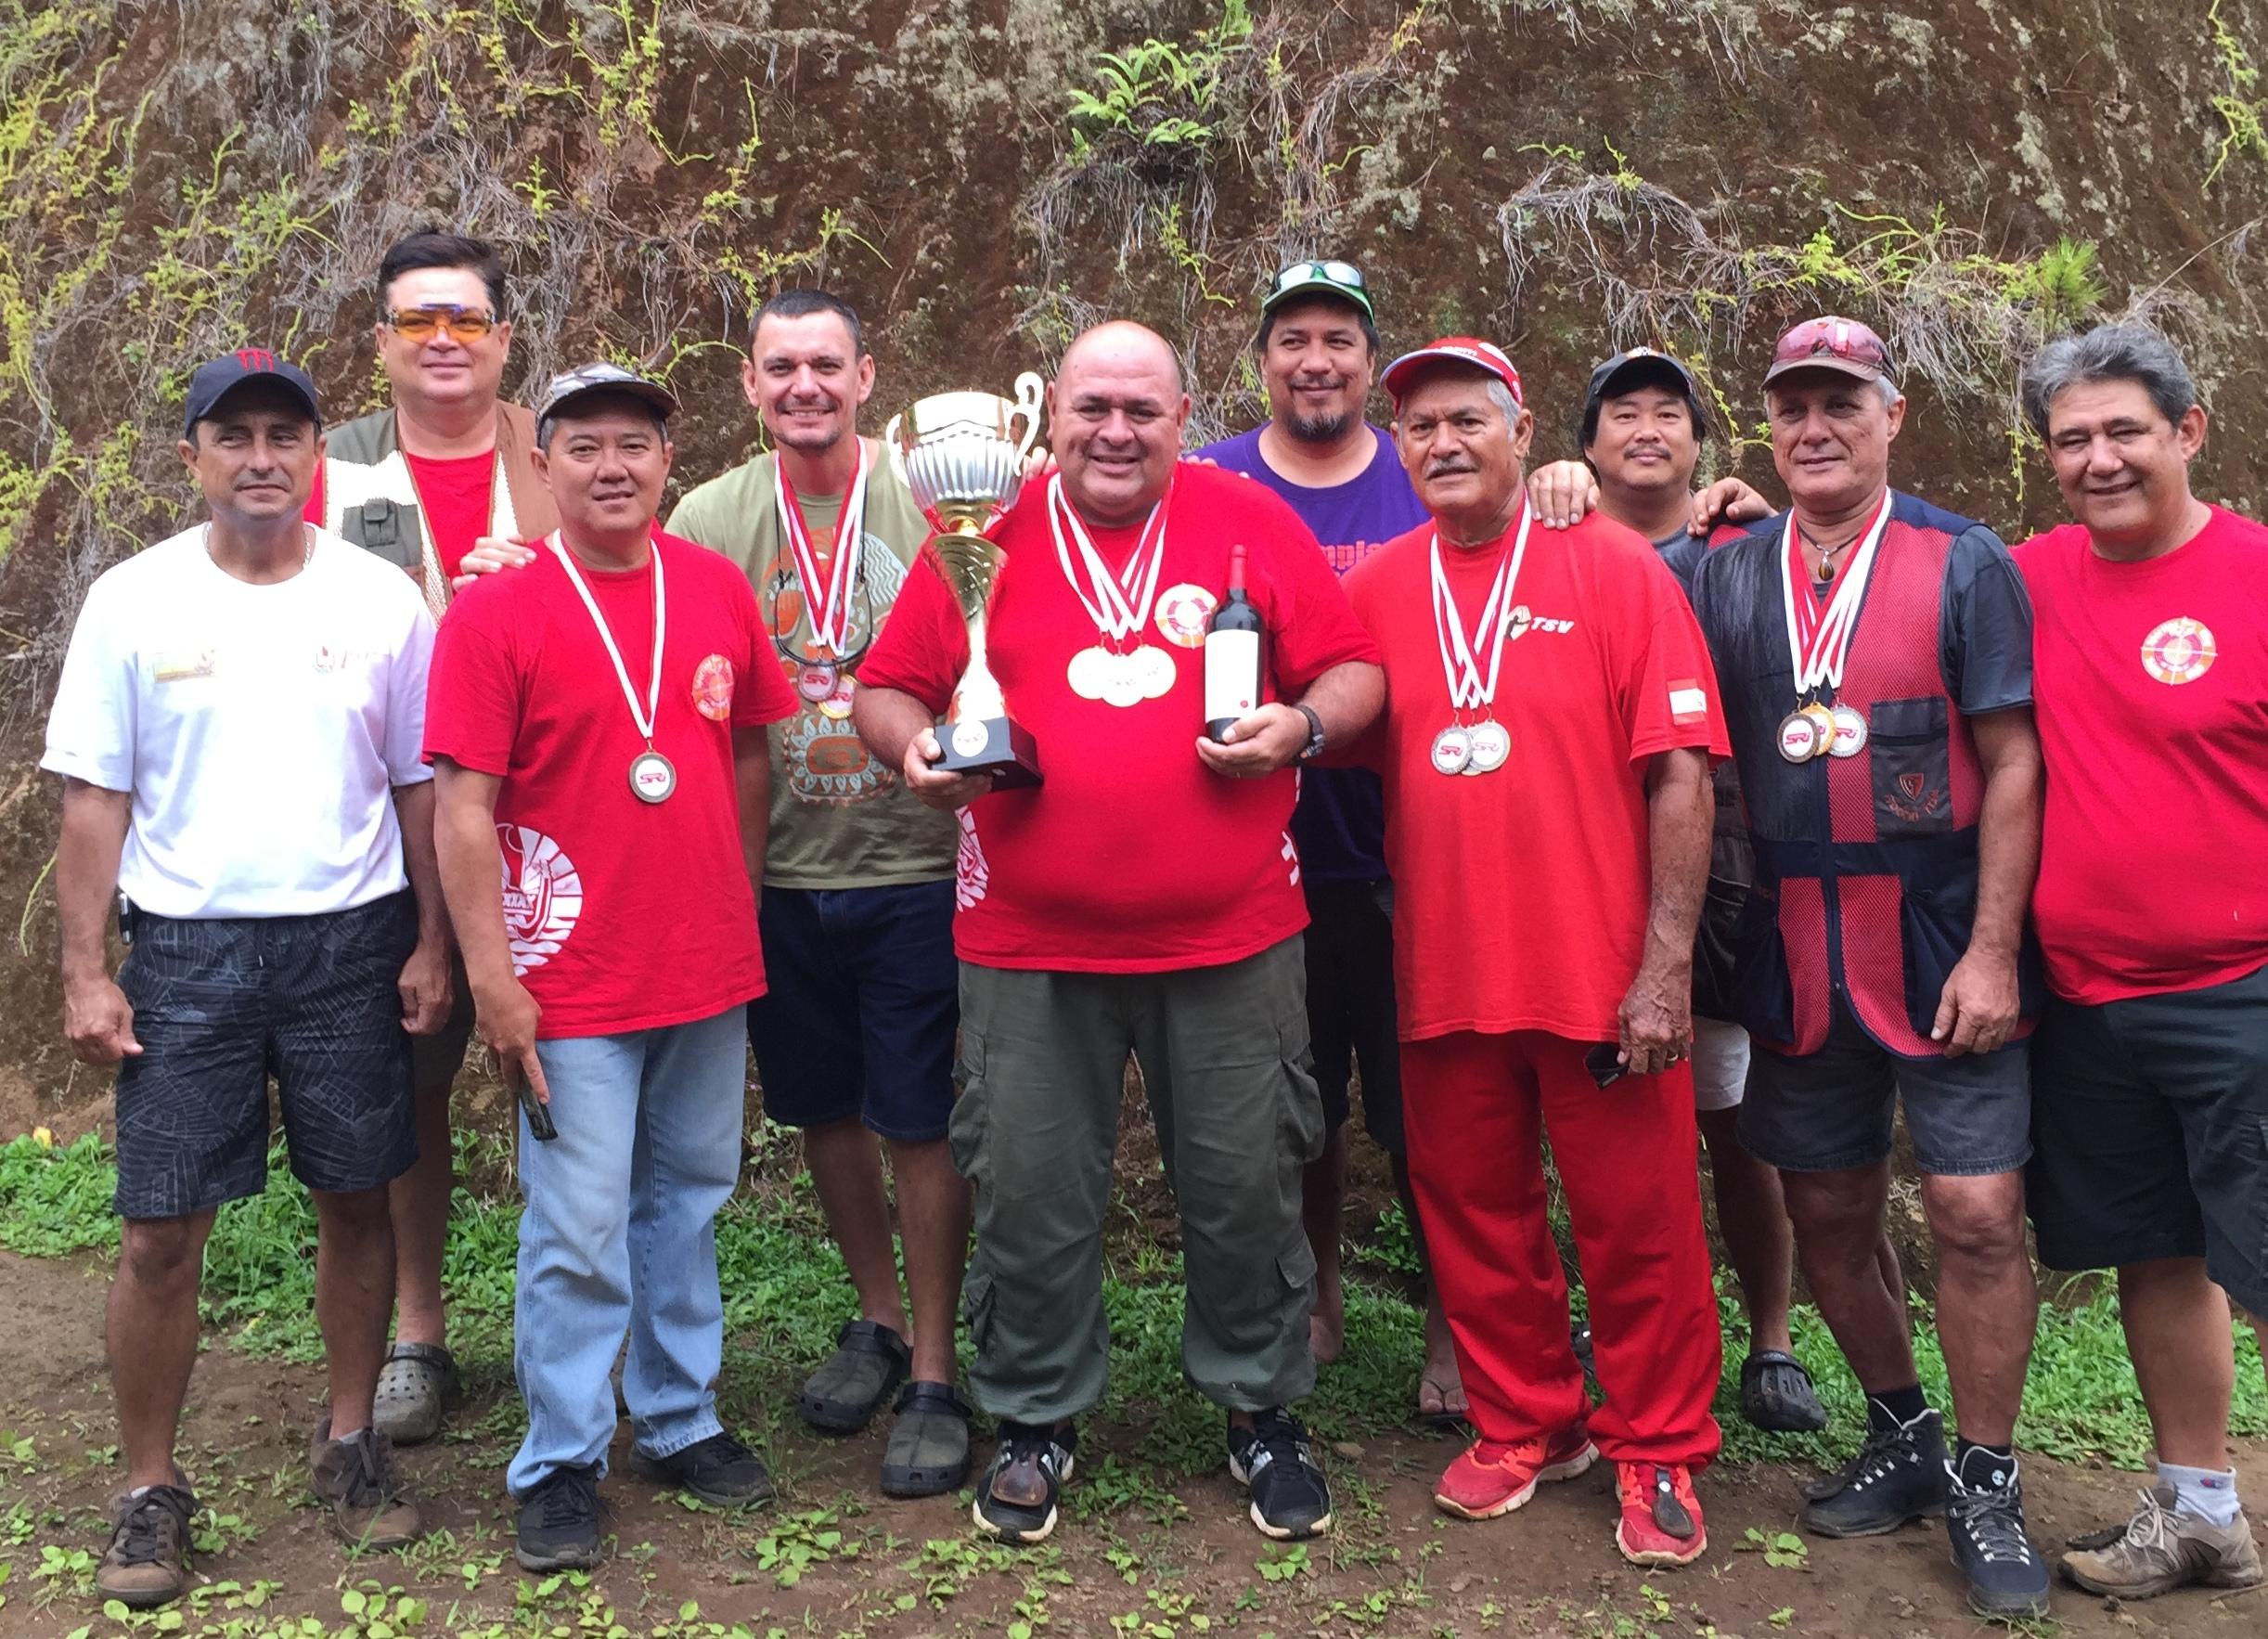 Les trois meilleurs tireurs de Polynésie, Francis Sanford, Teiki Nanai et Tuana Degage se préparent pour le championnat du monde de Ball-trap qui aura lieu à Megève (Haute-Savoie) le mois prochain.